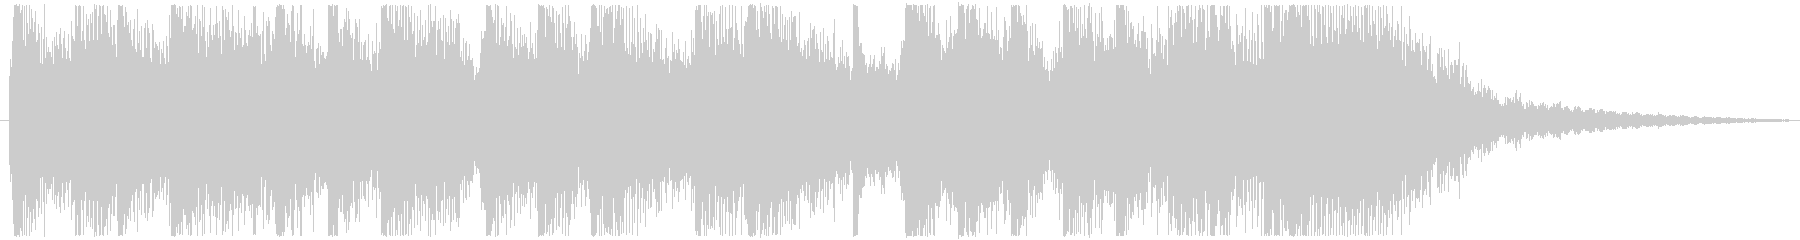 弦楽器のリフをメインにしたジングルの未再生の波形